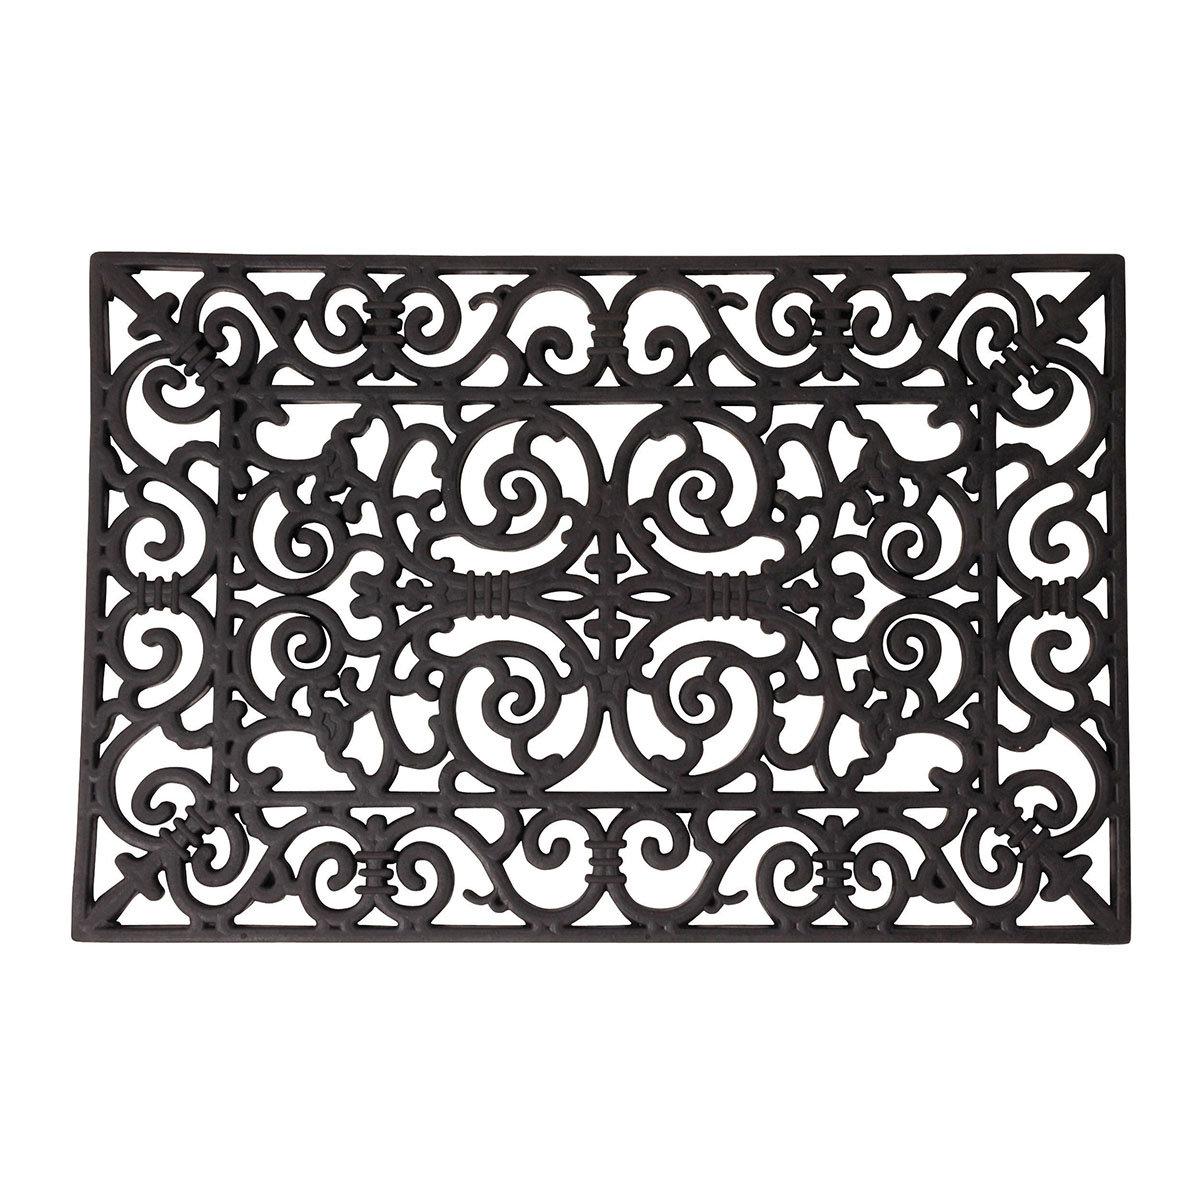 Design Fußmatte Sophie, 1,4x38,3x66,5 cm, Gummi, schwarz